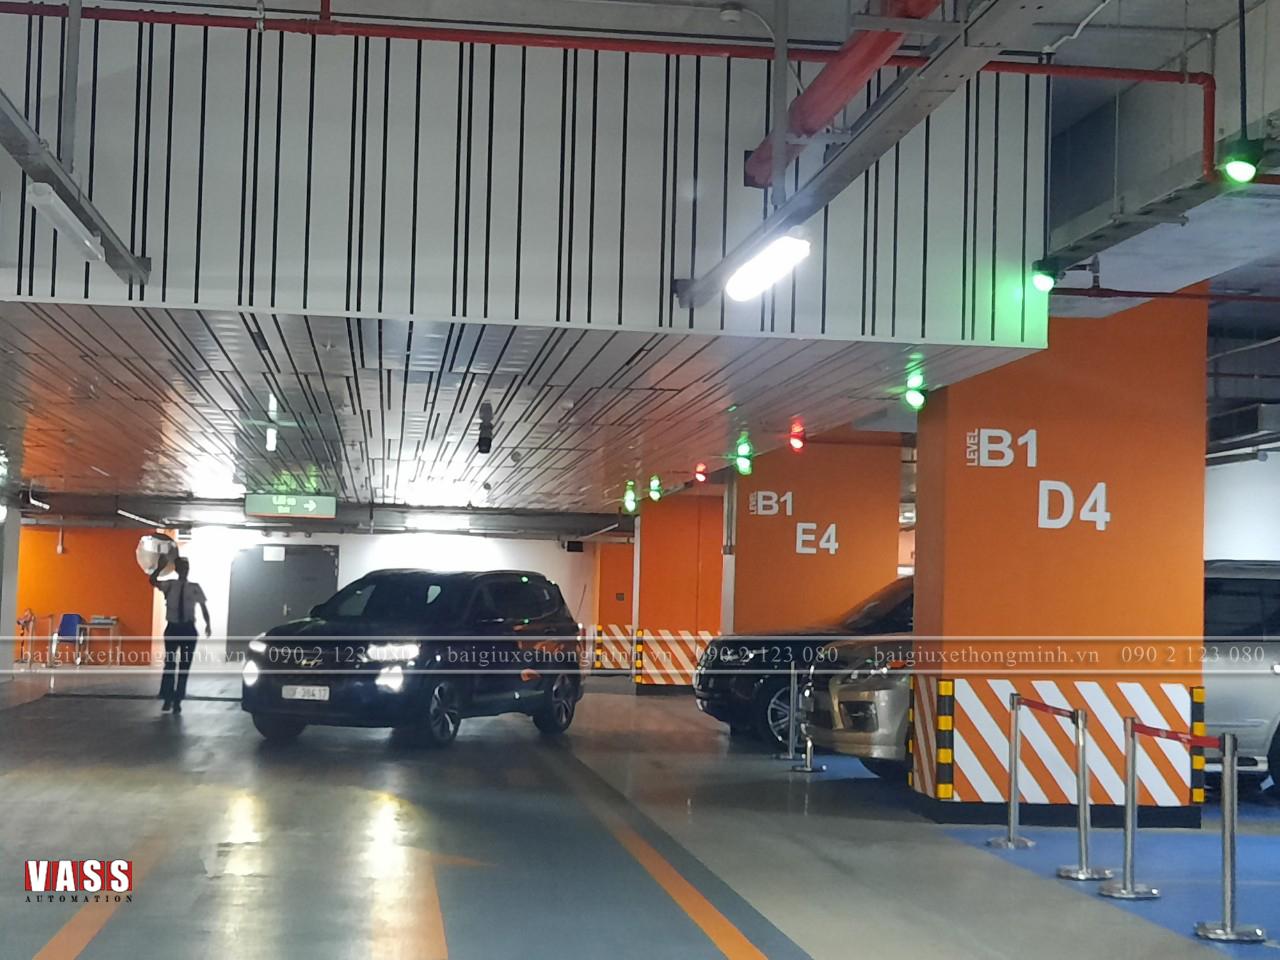 Hệ thống kiểm soát xe thông minh